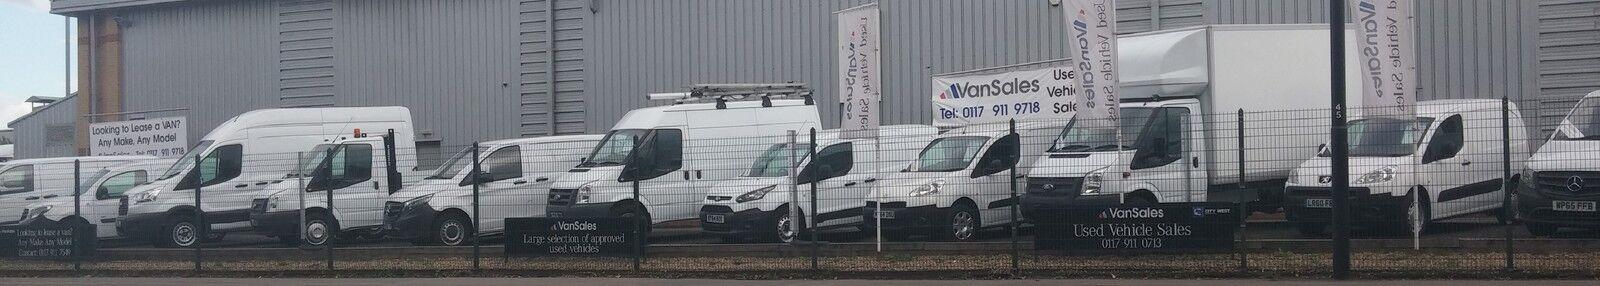 Van Sales UK